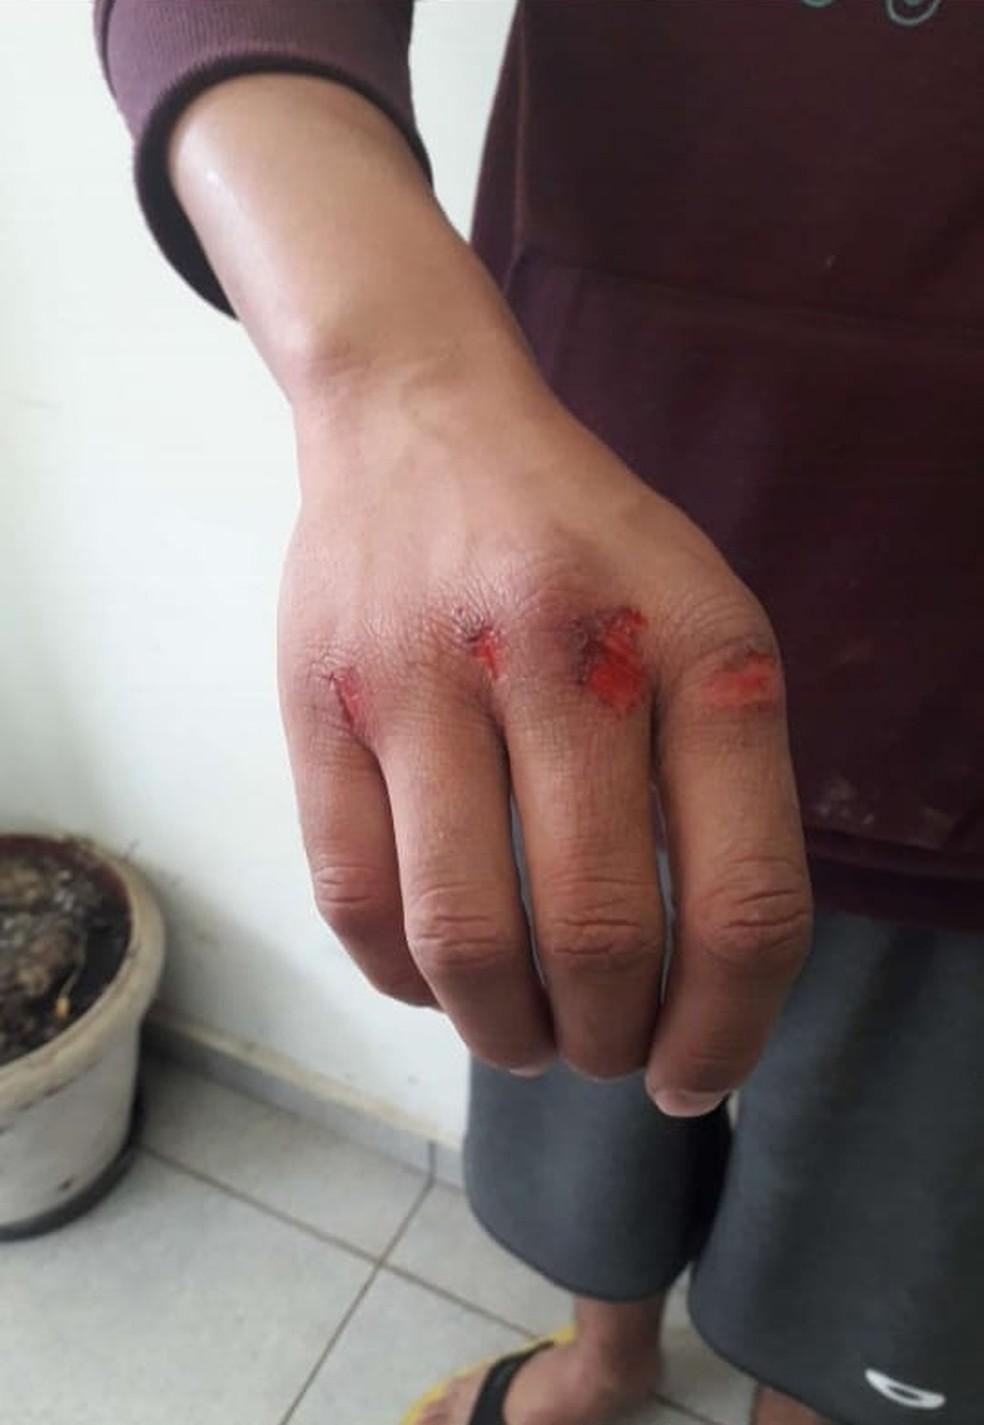 As agressões foram tão fortes que o homem machucou as mãos durante o ato de violência doméstica em Pirajuí (SP) — Foto: Polícia Civil/ Divulgação